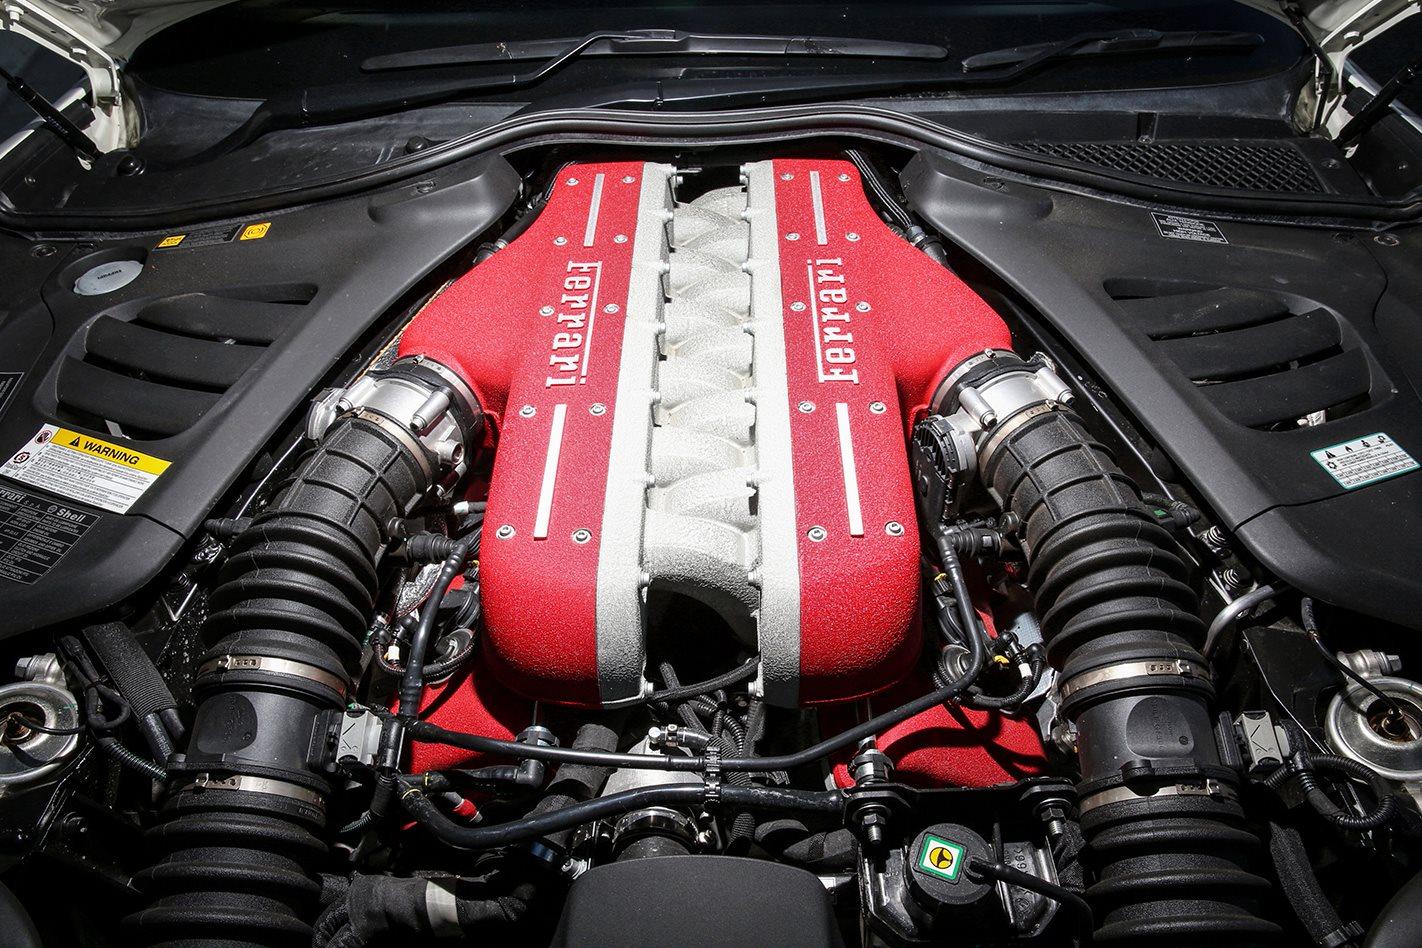 2017 Ferrari GTC4 Lusso engine